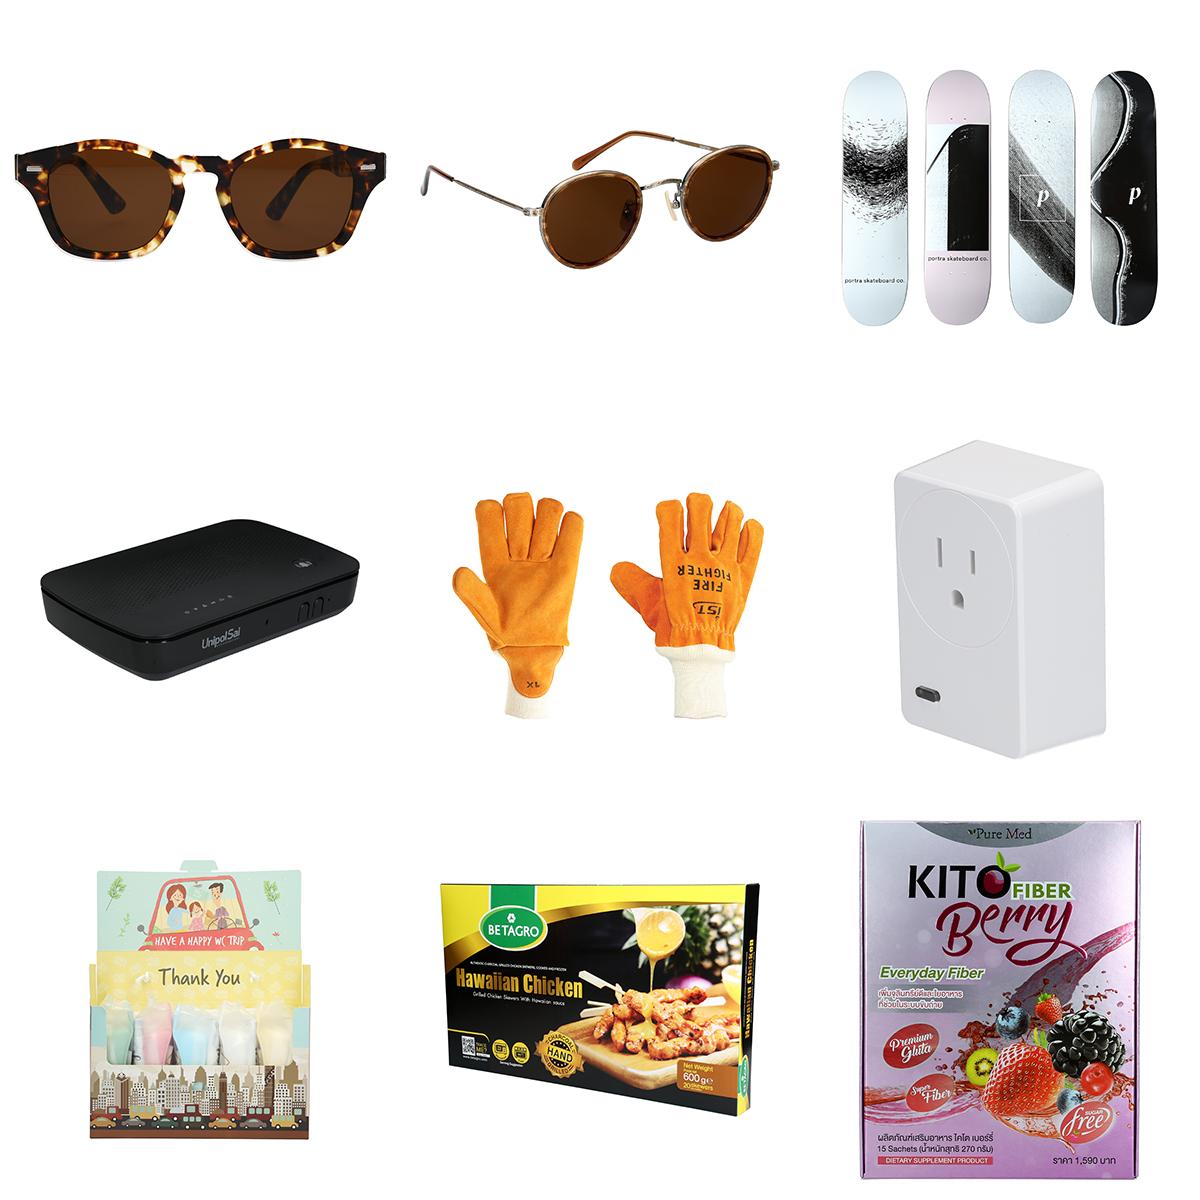 รวมภาพสินค้าต่างๆที่ถ่ายโดย 360 Packshot Studio เช่น แว่นตา อุปกรณ์ไฟฟ้า และผลิตภัณฑ์ต่างๆ